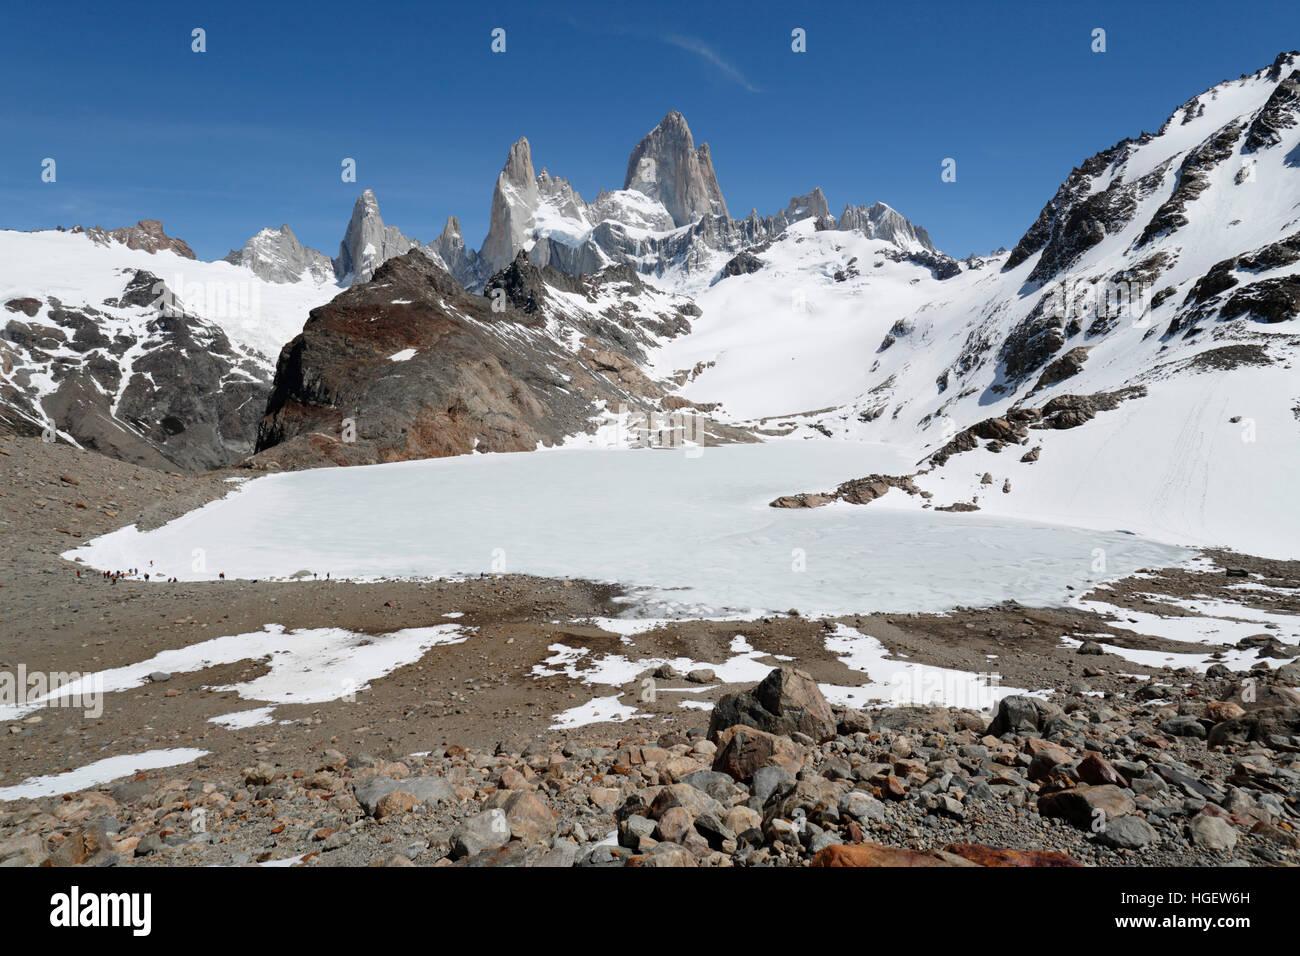 Laguna de los Tres et le Mont Fitz Roy, El Chalten, Patagonie, Argentine, Amérique du Sud Photo Stock